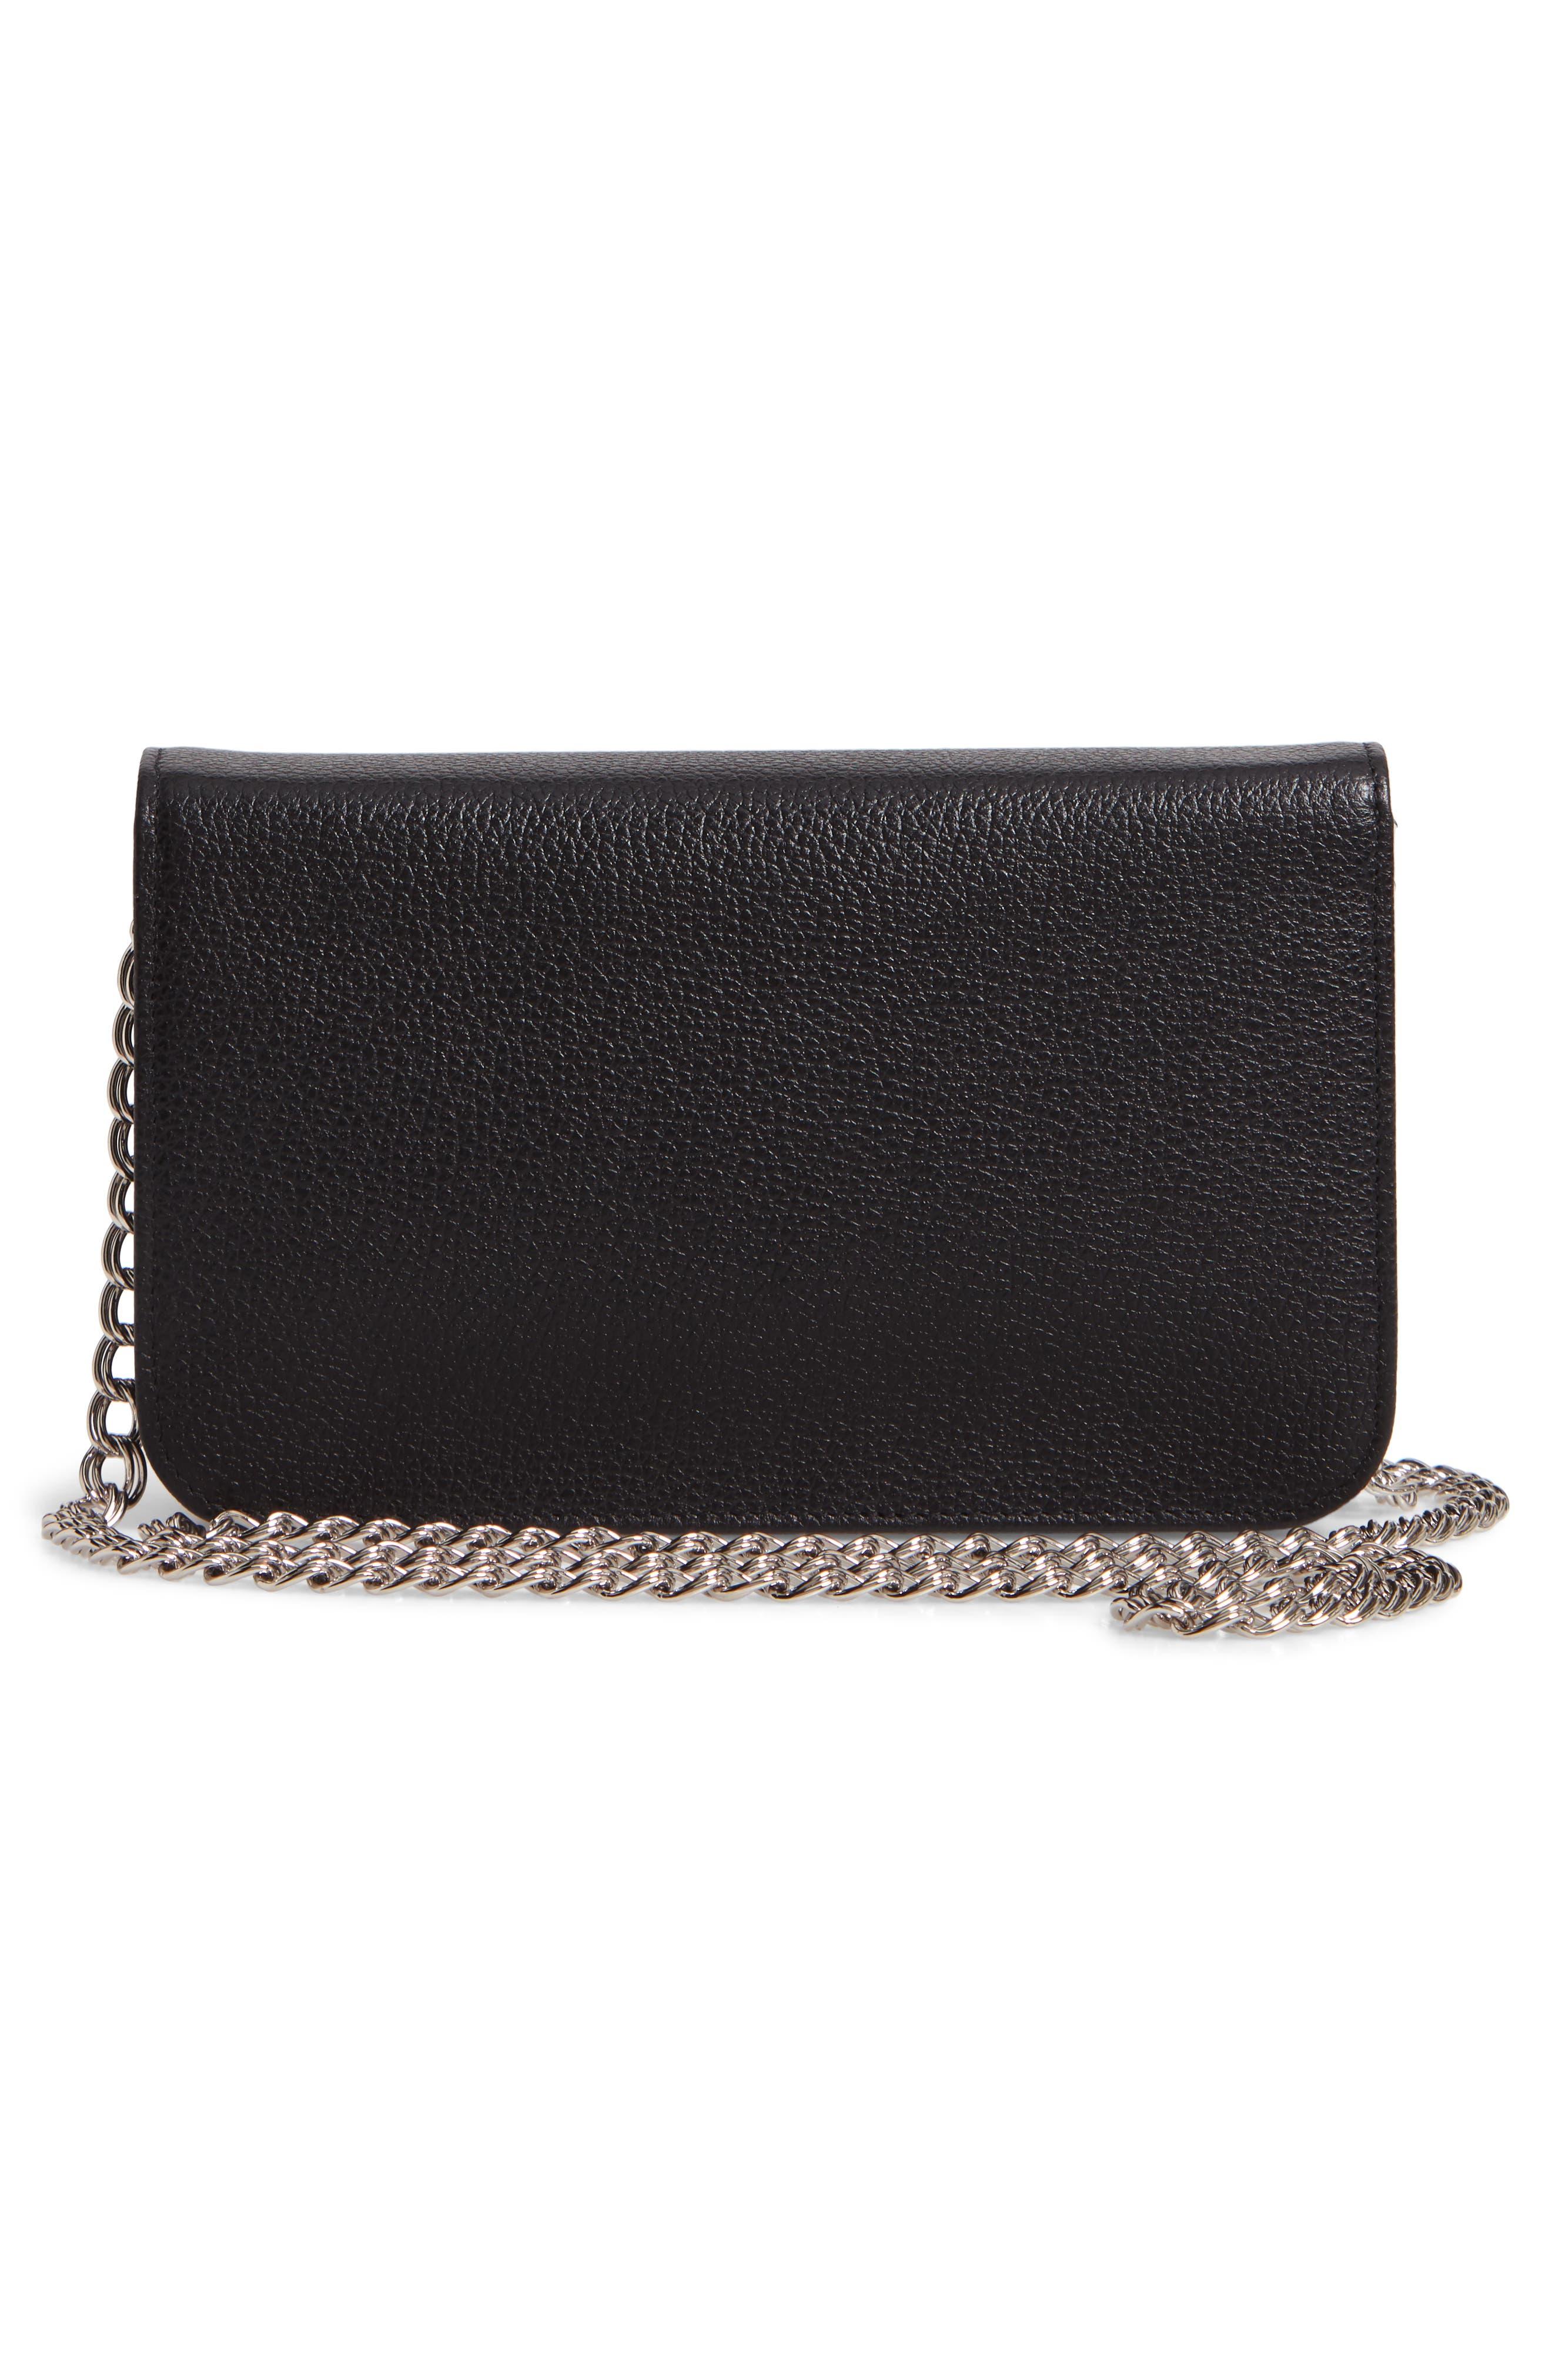 LONGCHAMP, Le Foulonné Leather Wallet on a Chain, Alternate thumbnail 3, color, BLACK